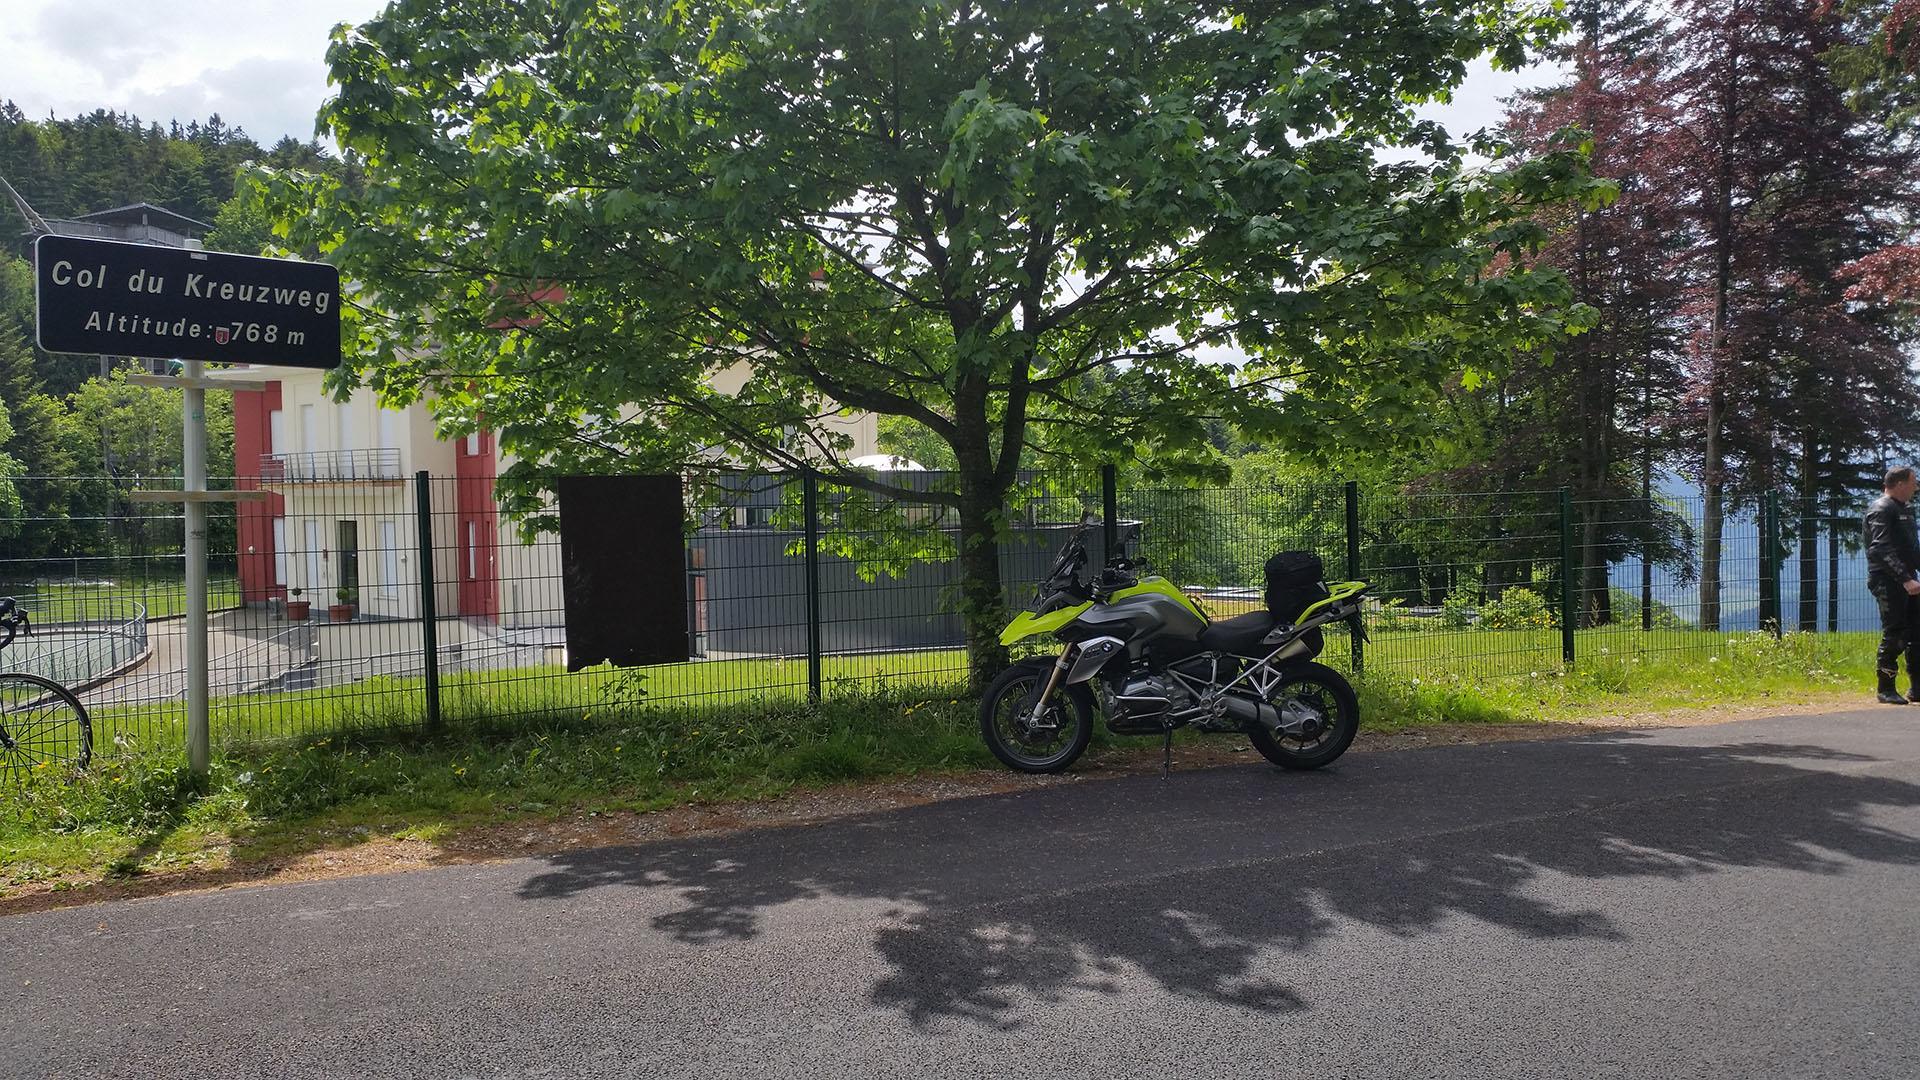 0768 - F - Col du Kreuzweg